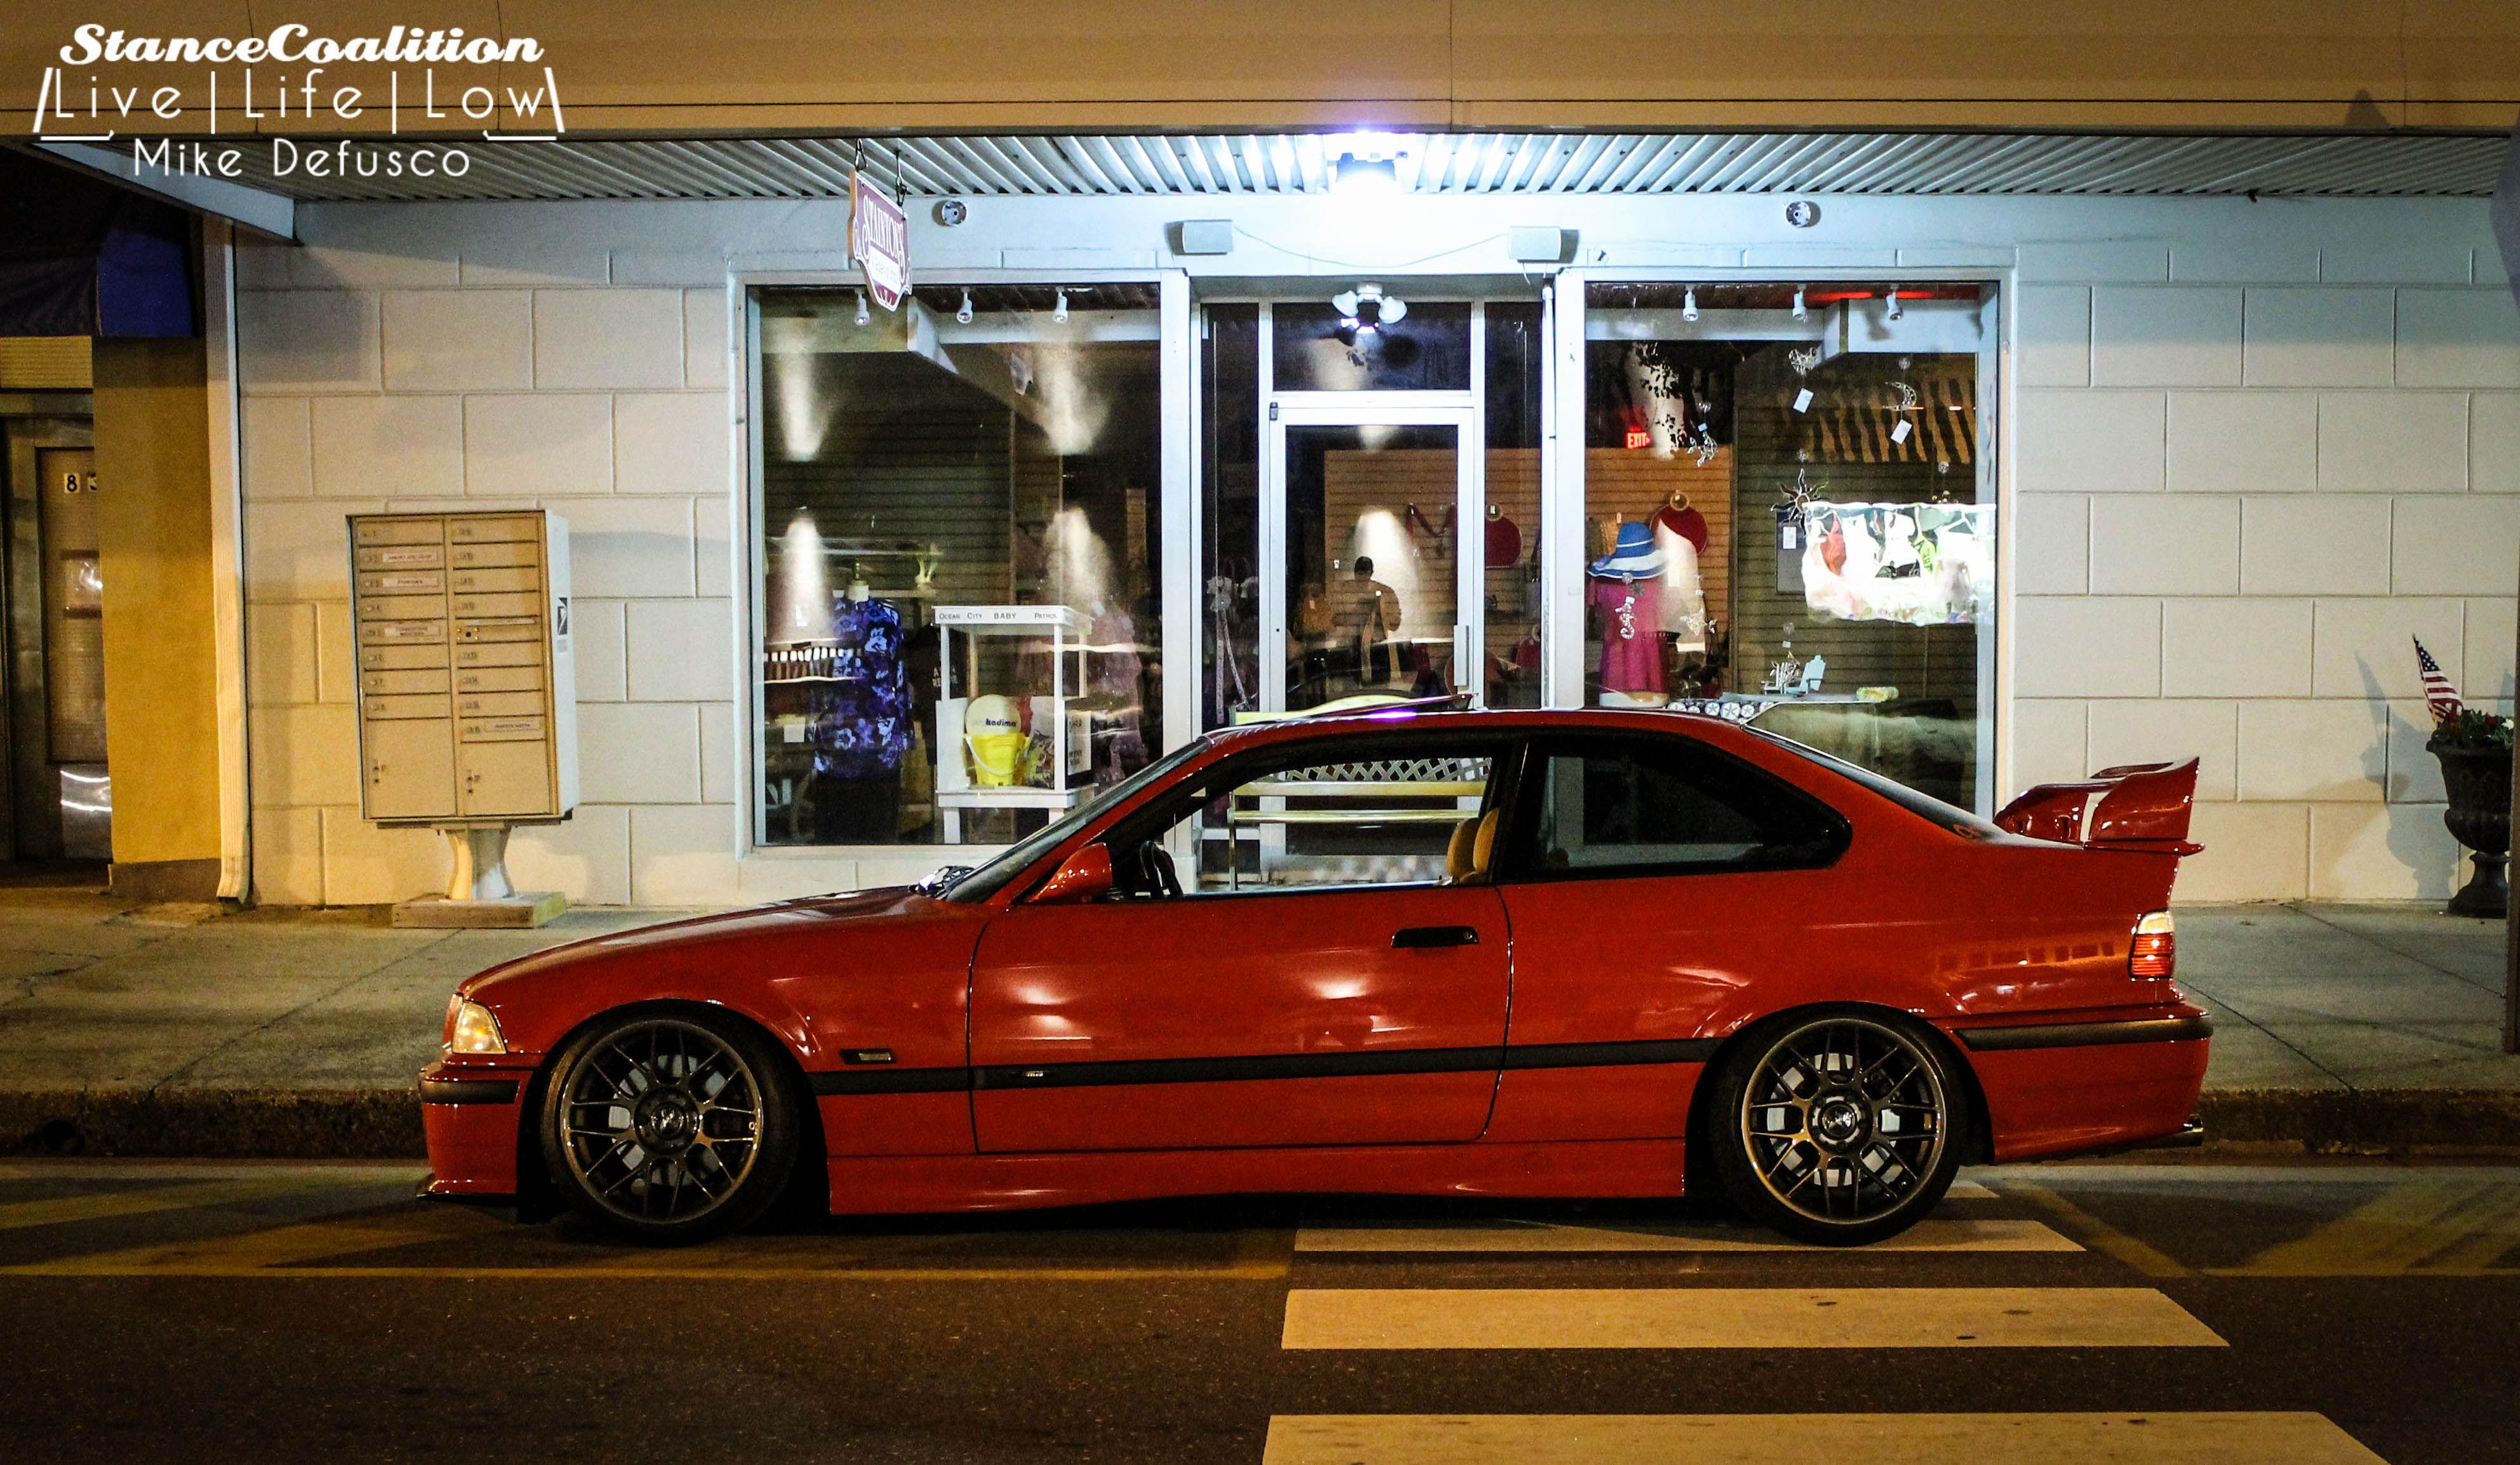 1996 E36 M3